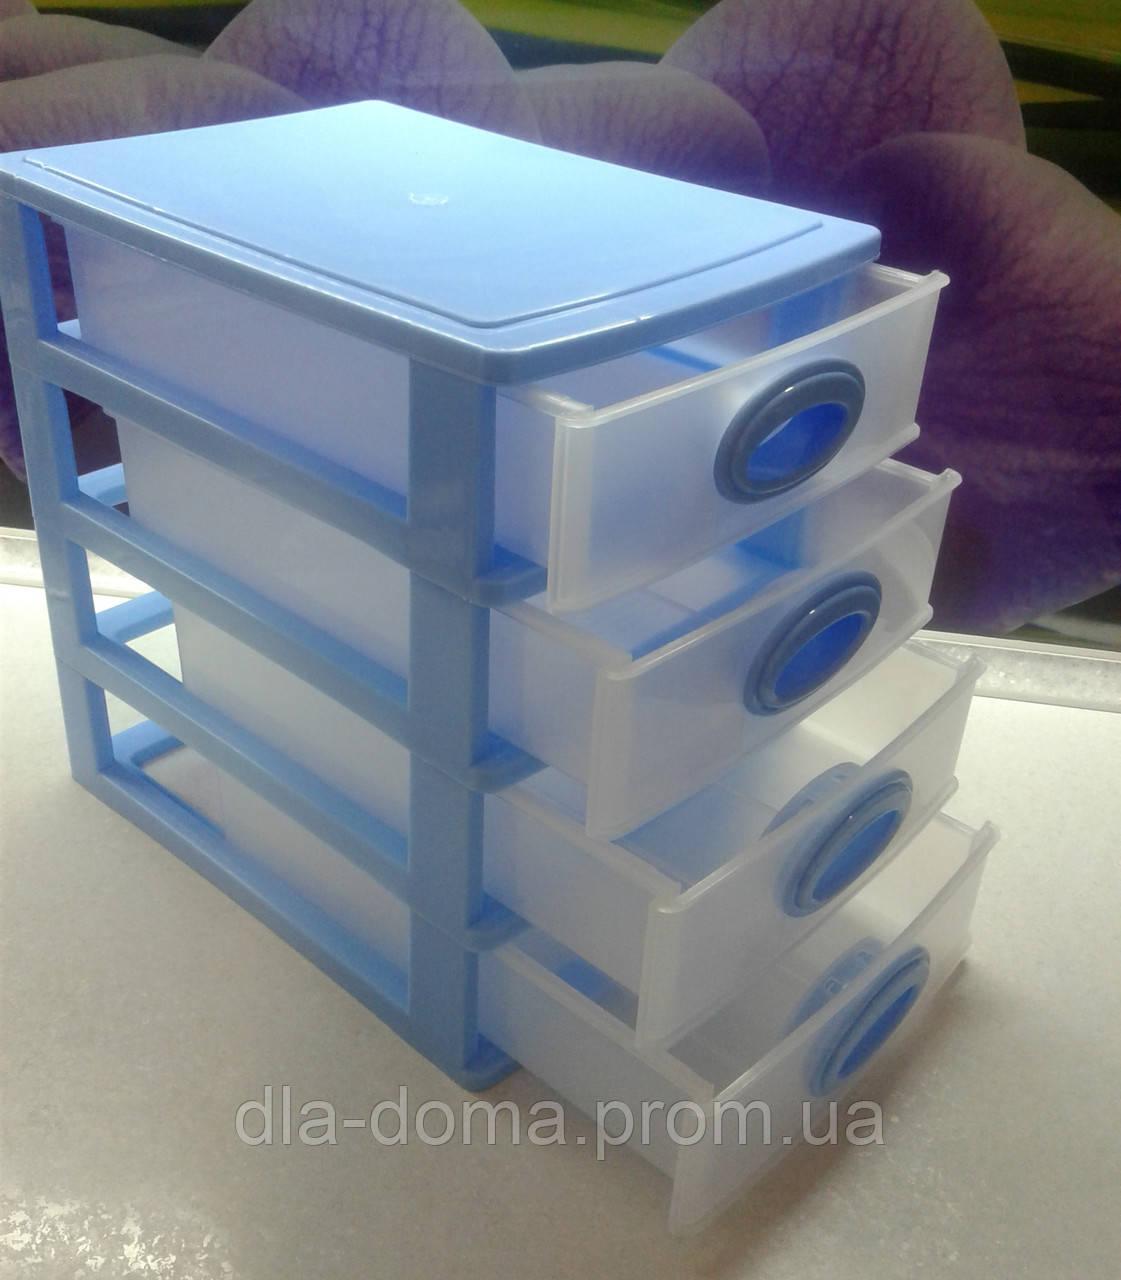 Мини комод на 4 ящика голубой